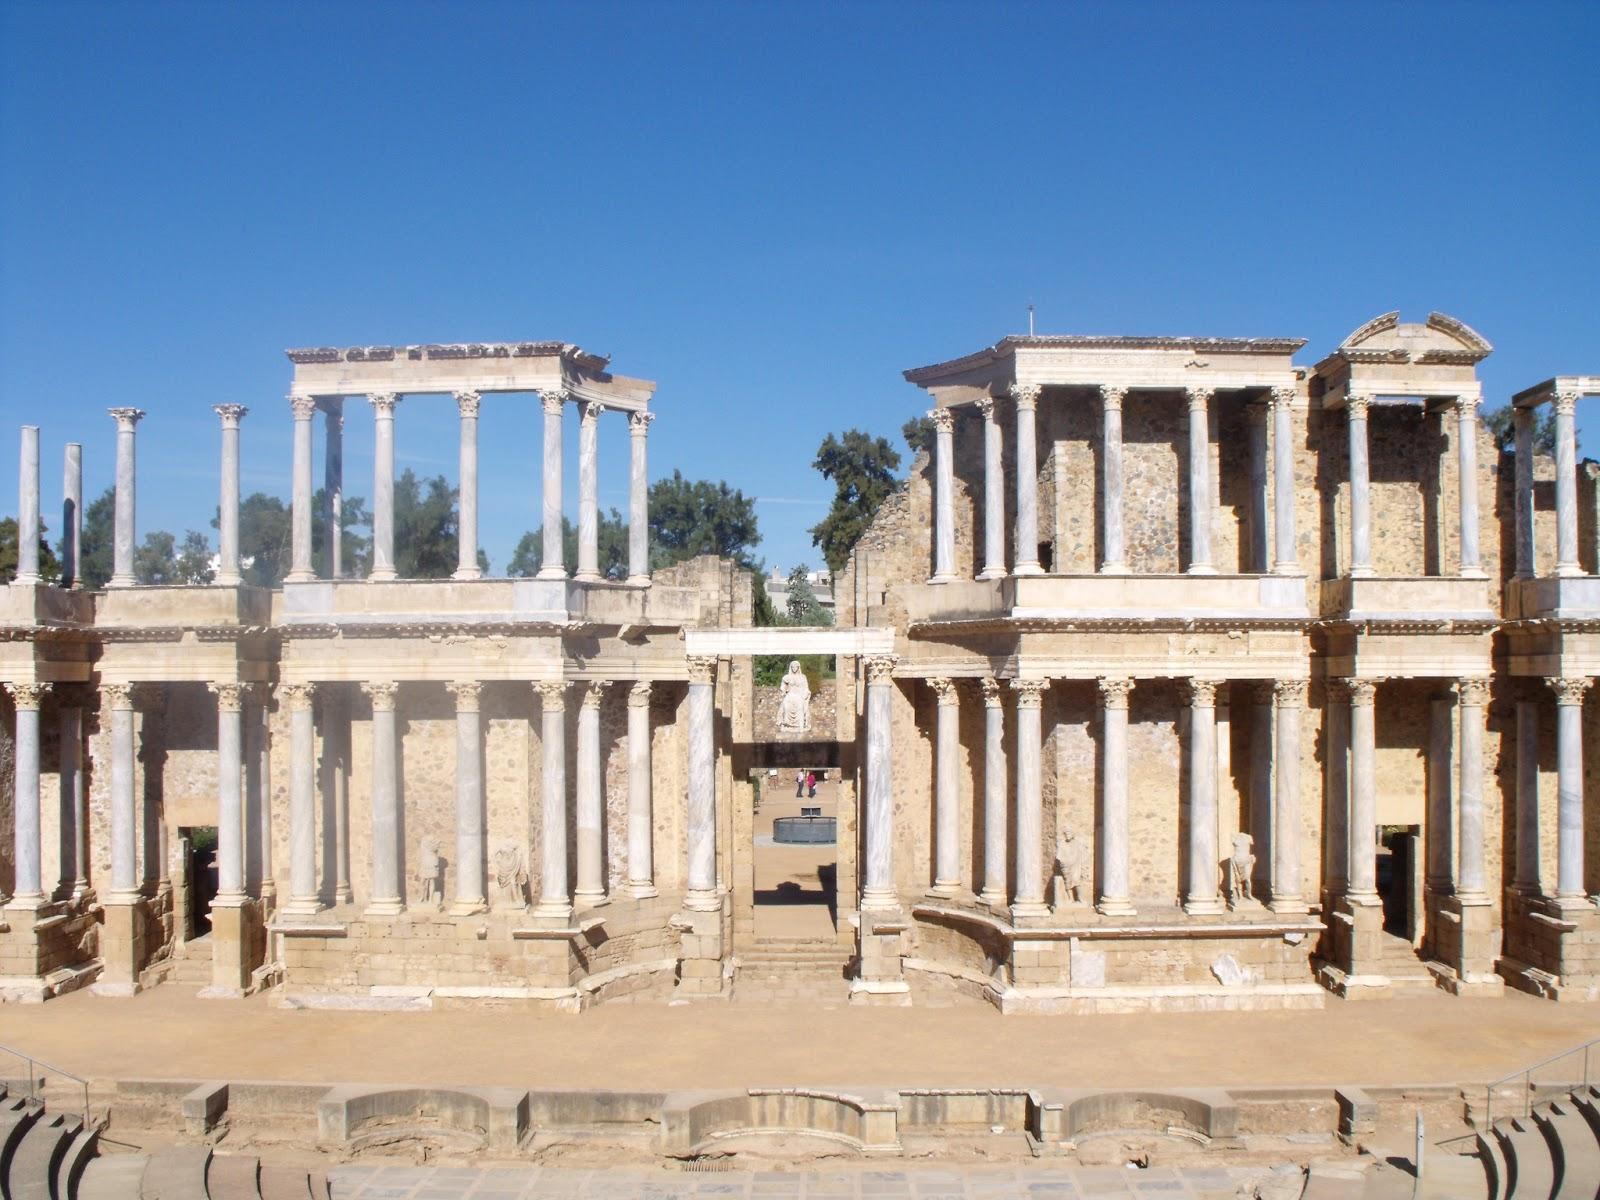 Baños Roma Teatro Linea De Sombra:teatro romano de mérida teatro romano de mérida trujillo un